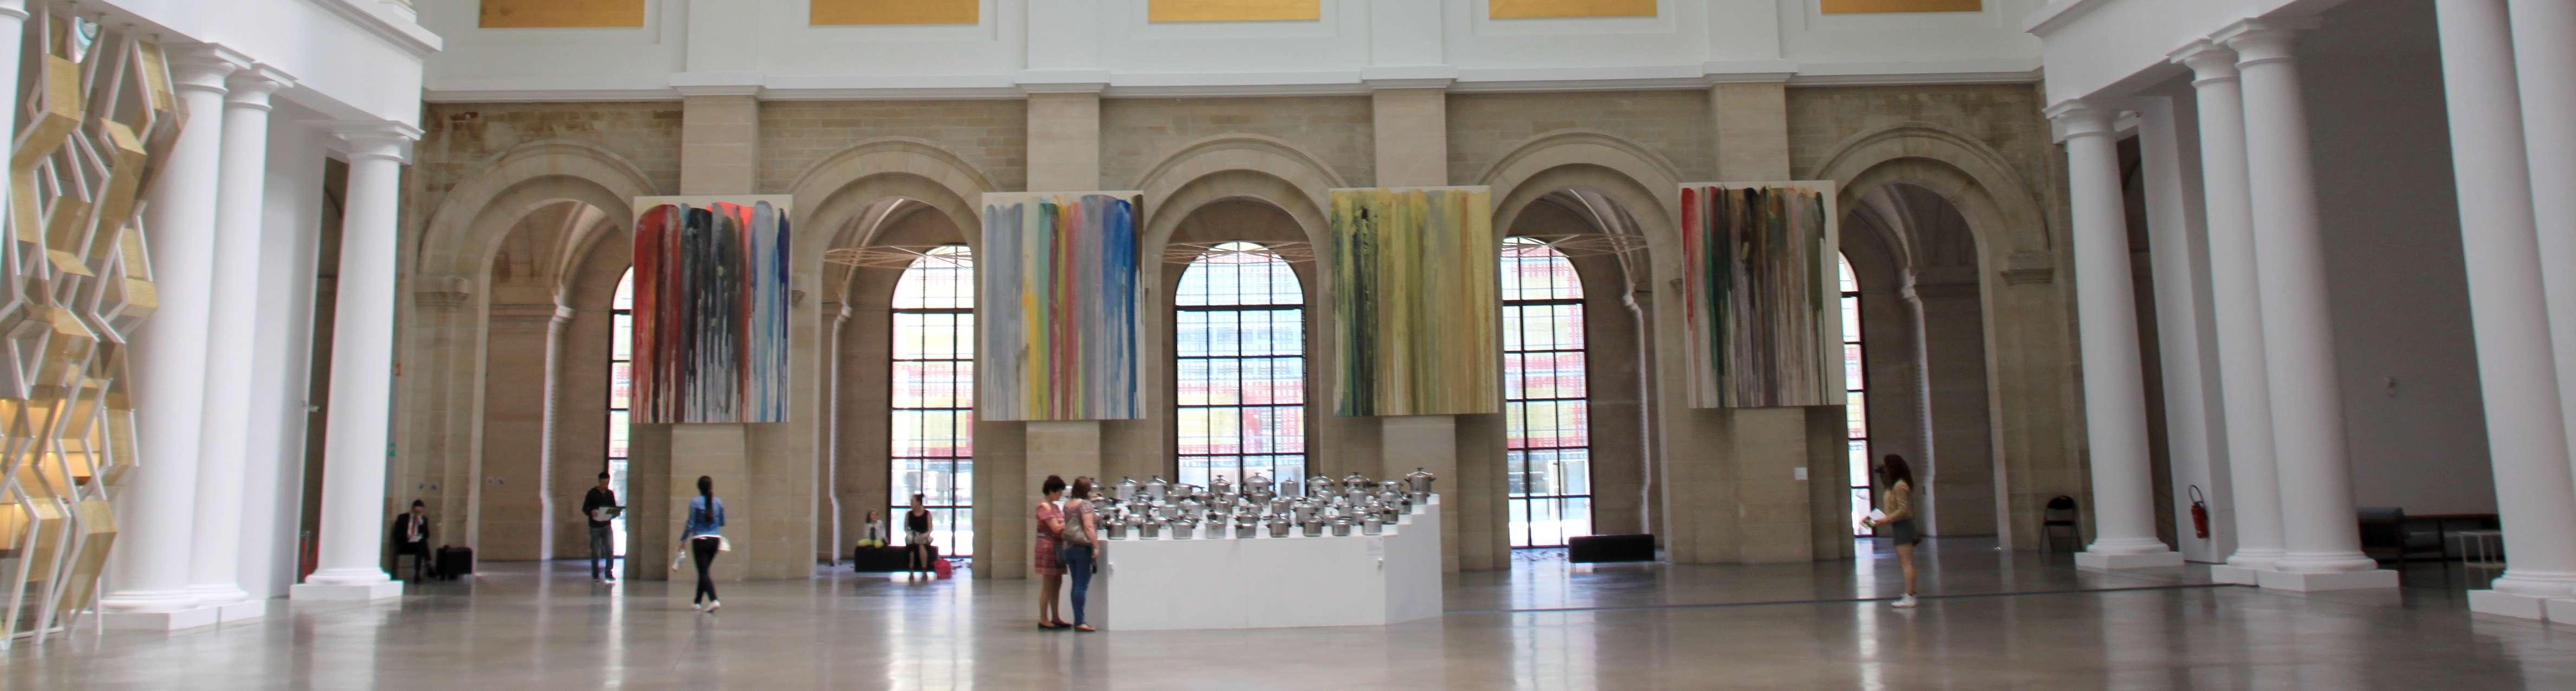 banniere open museum 4